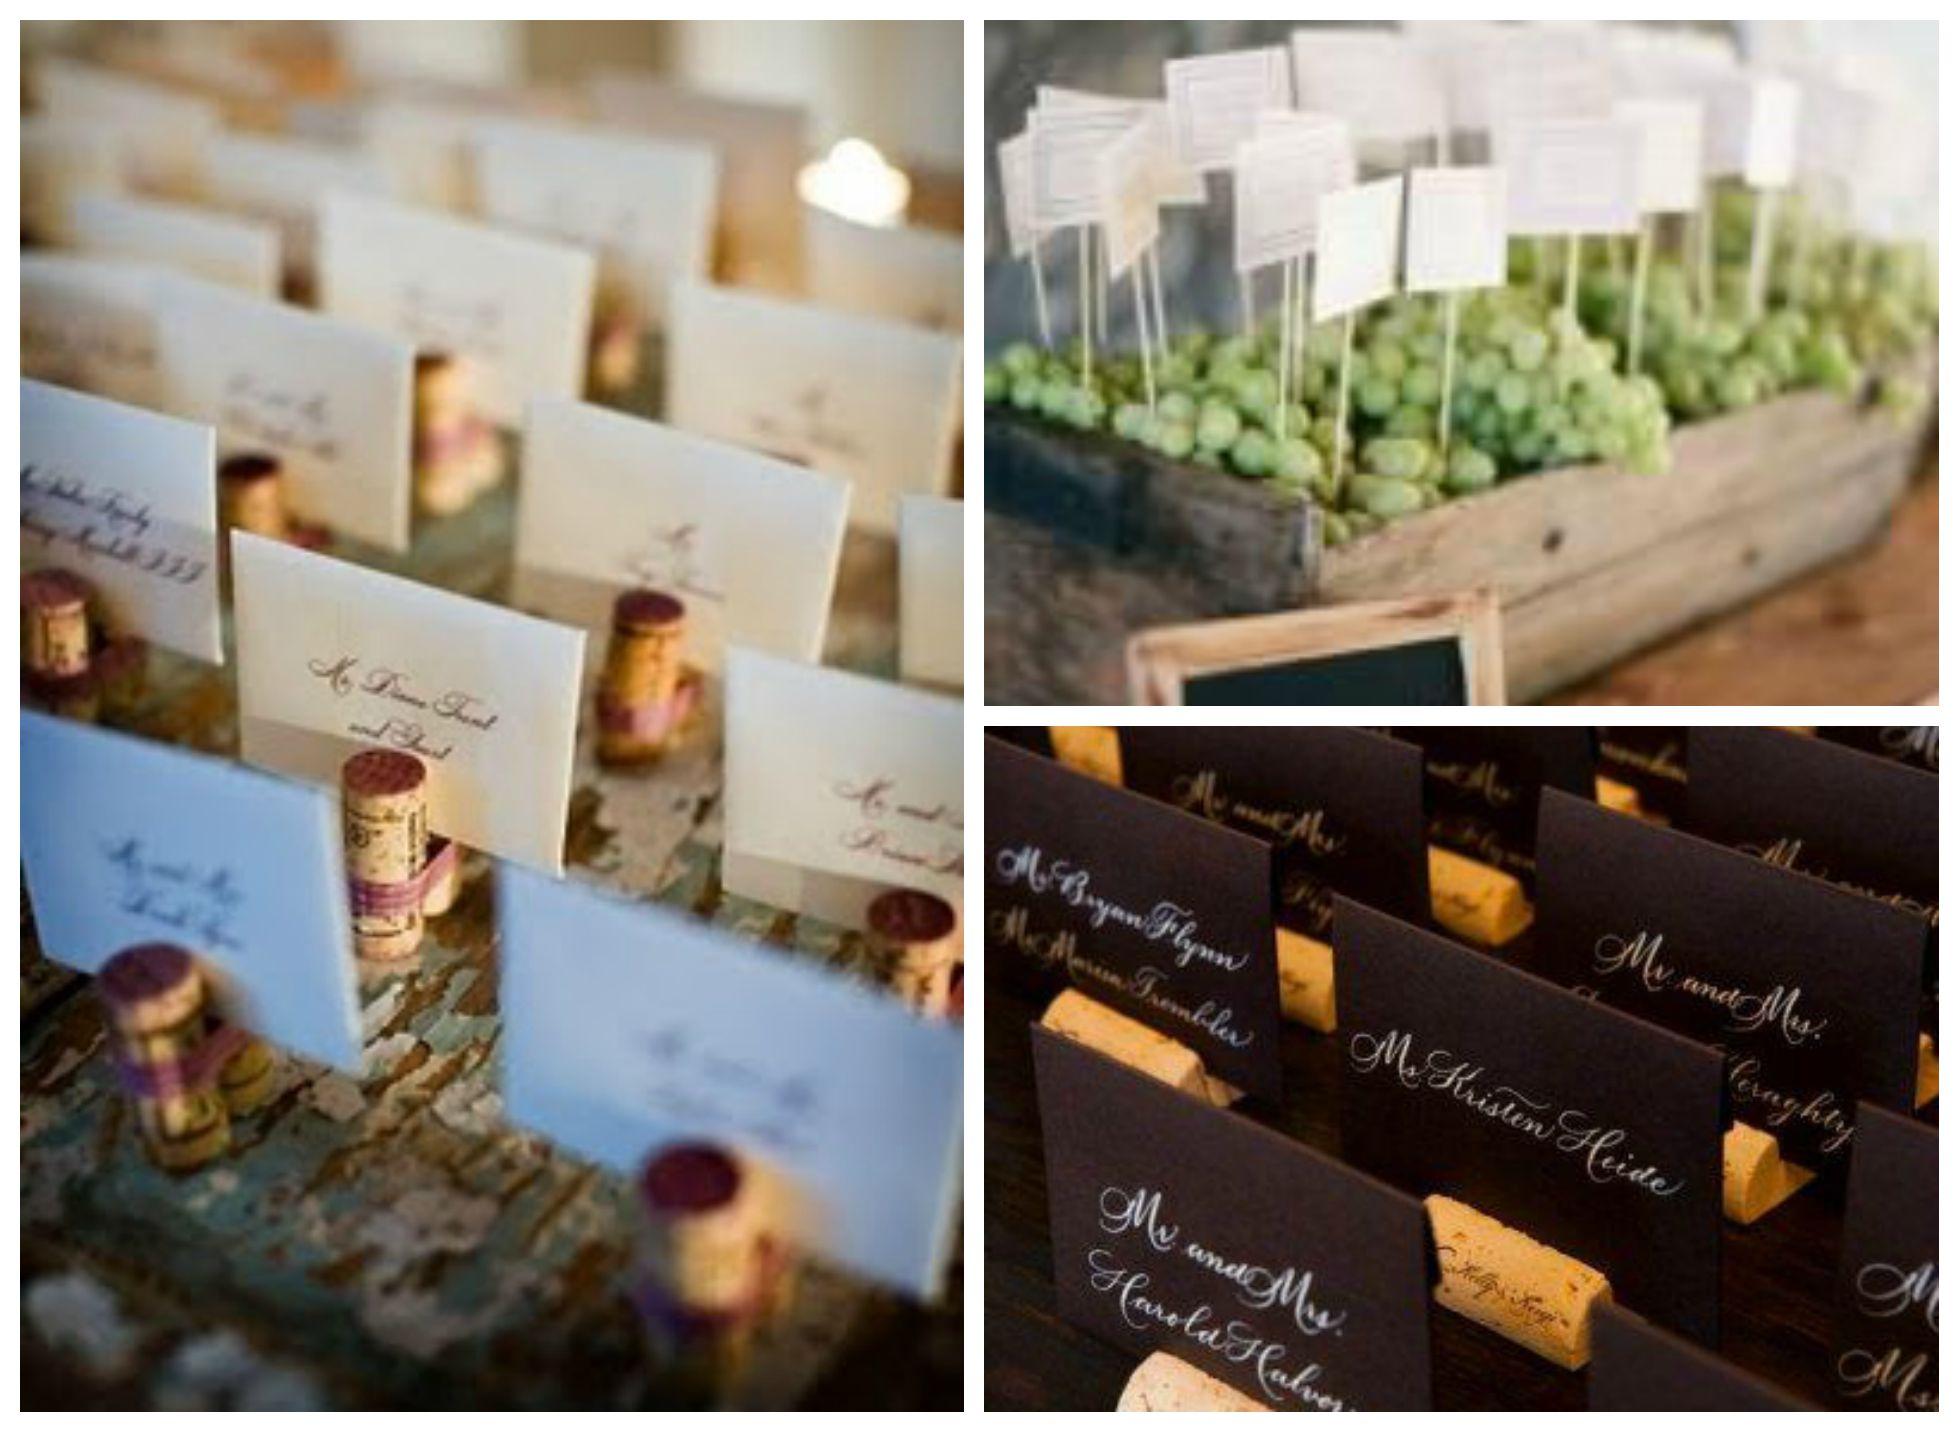 Jaulas Decoracion Ikea ~ Decoraci?n para tu boda con inspiraci?n en el vino  en el pais de